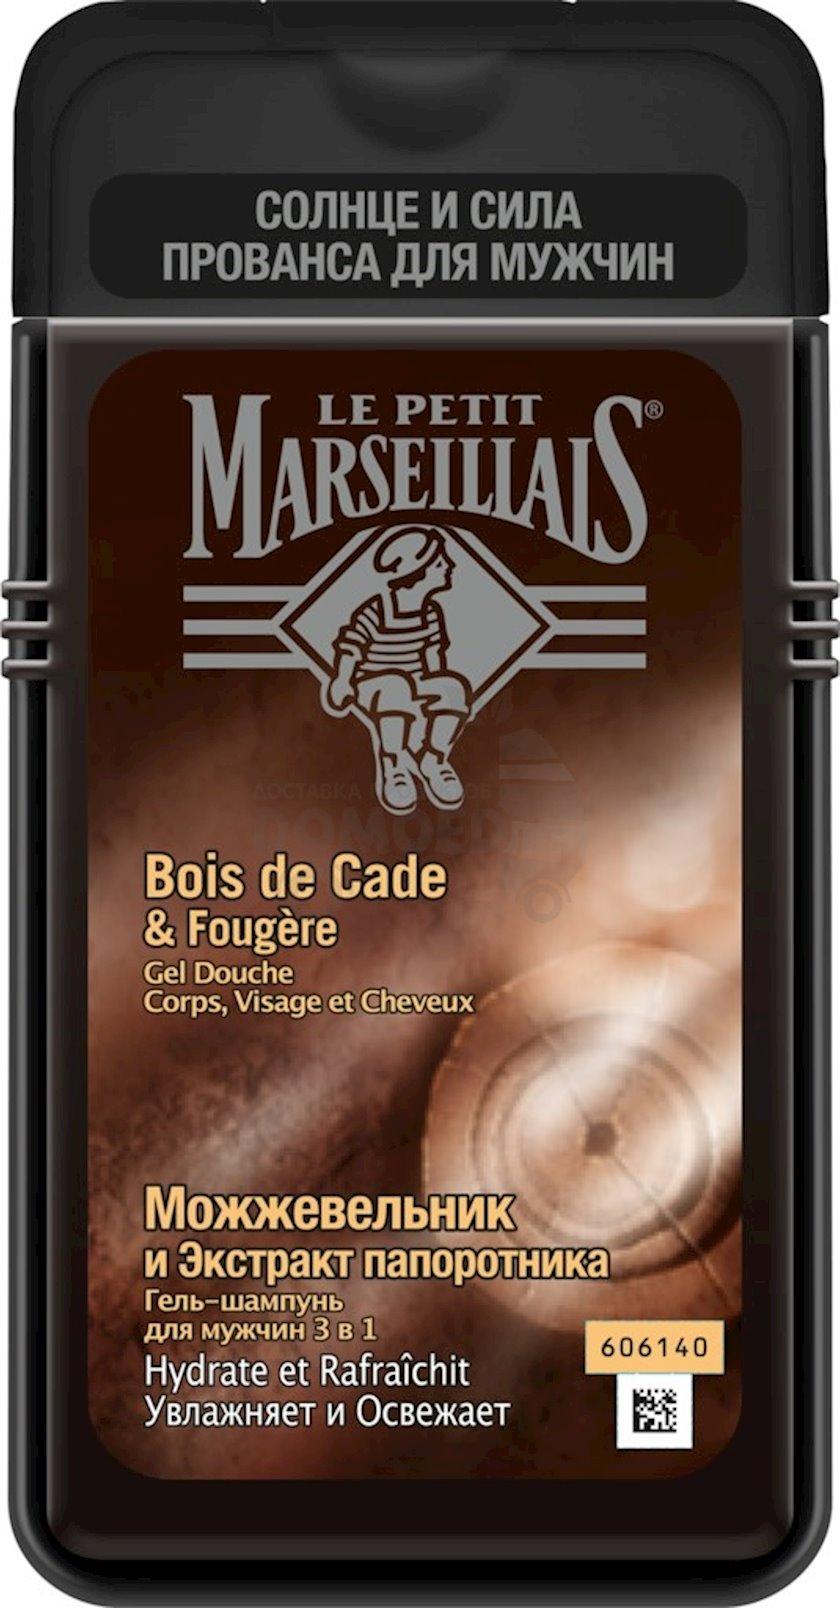 Gel-şampun kişilər üçün Le Petit Marseillais Juniper and Fern Extract kişilər üçün, 400 ml